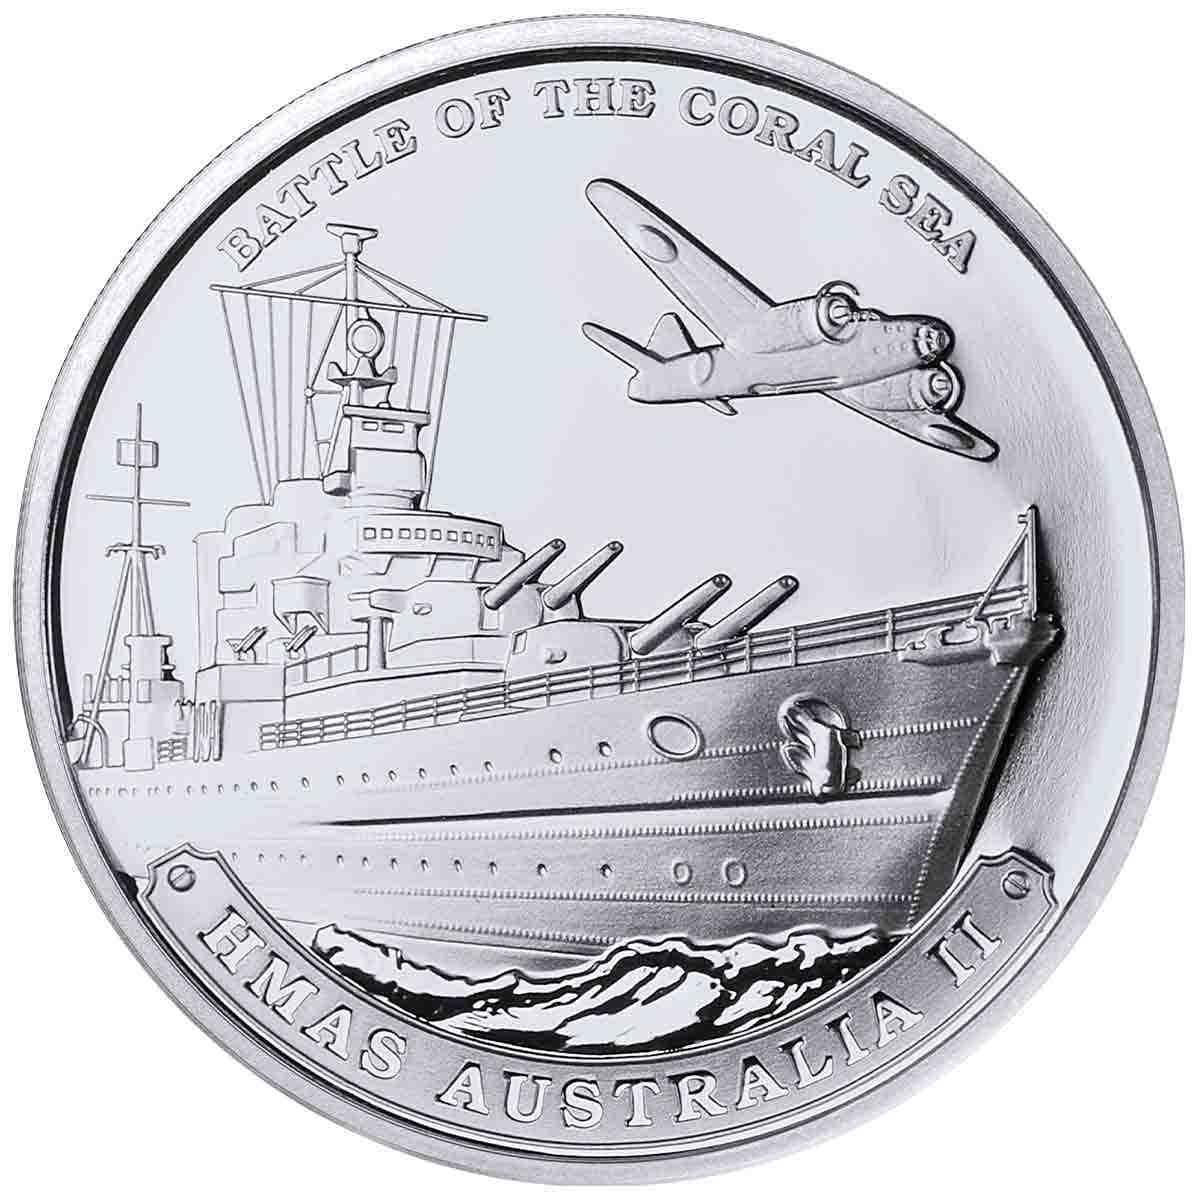 HMAS Australia II